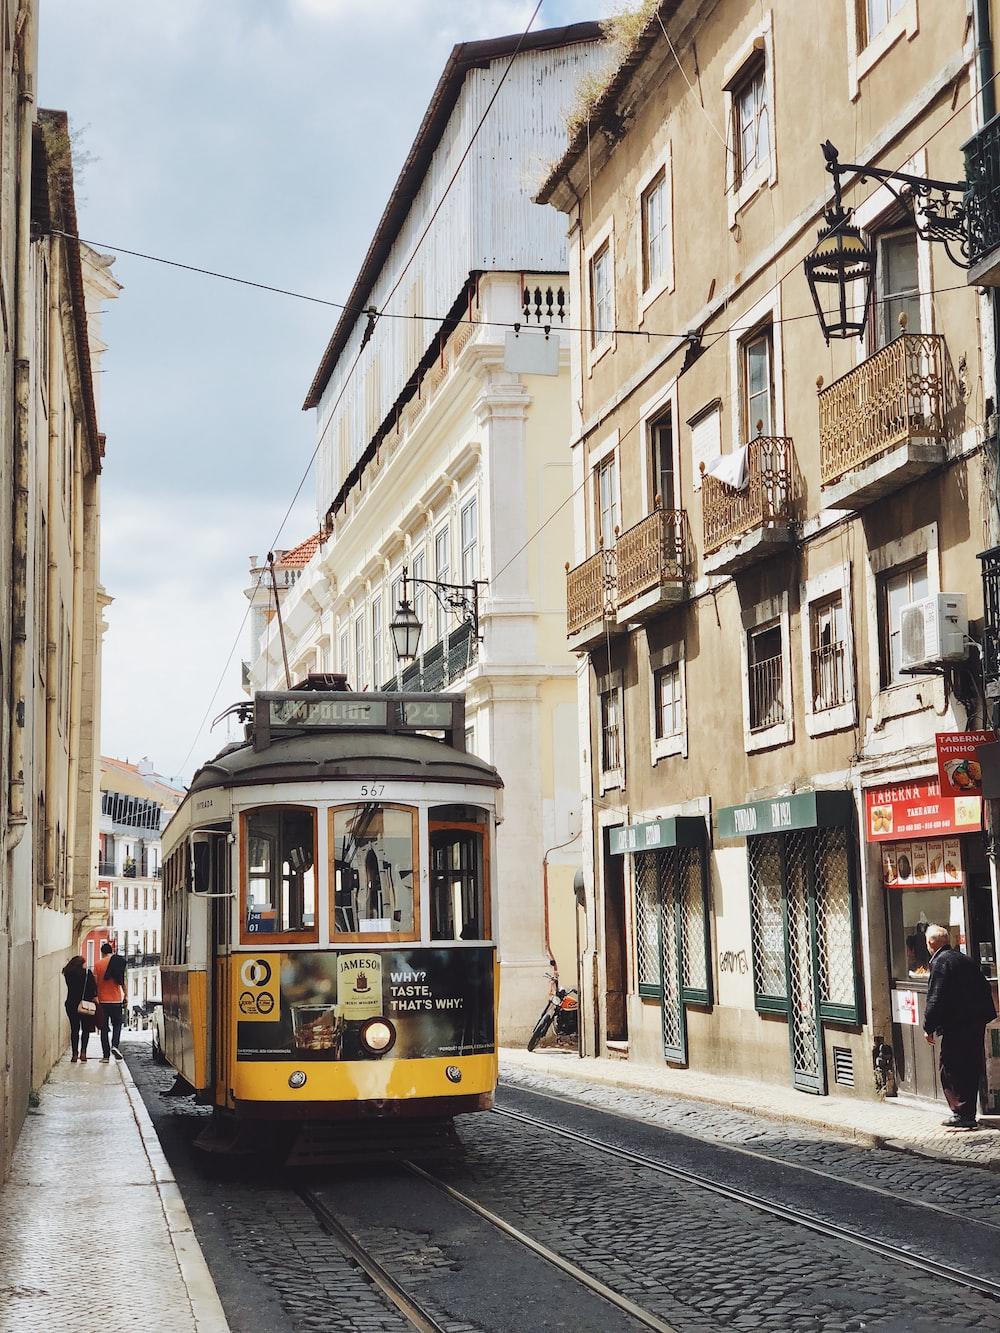 bus between buildings